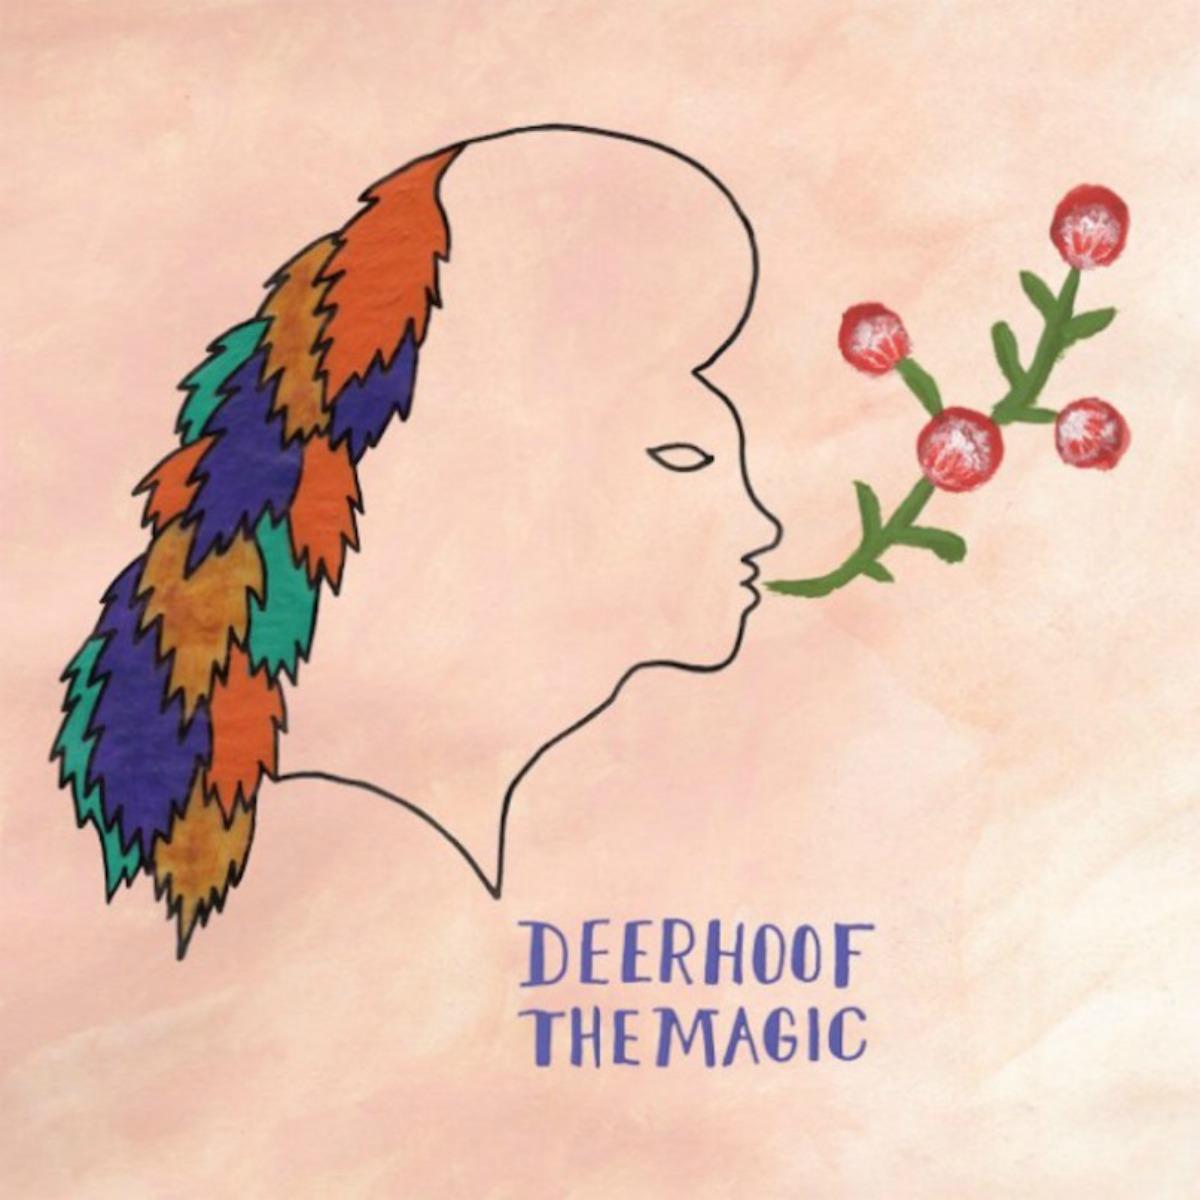 NEWS ROUNDUP: Palisades, Deerhoof, & Patti Smith's Nico Tribute